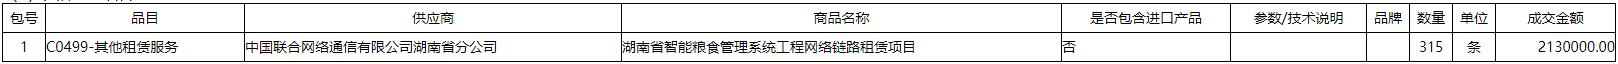 微信截图_20210222110323.png